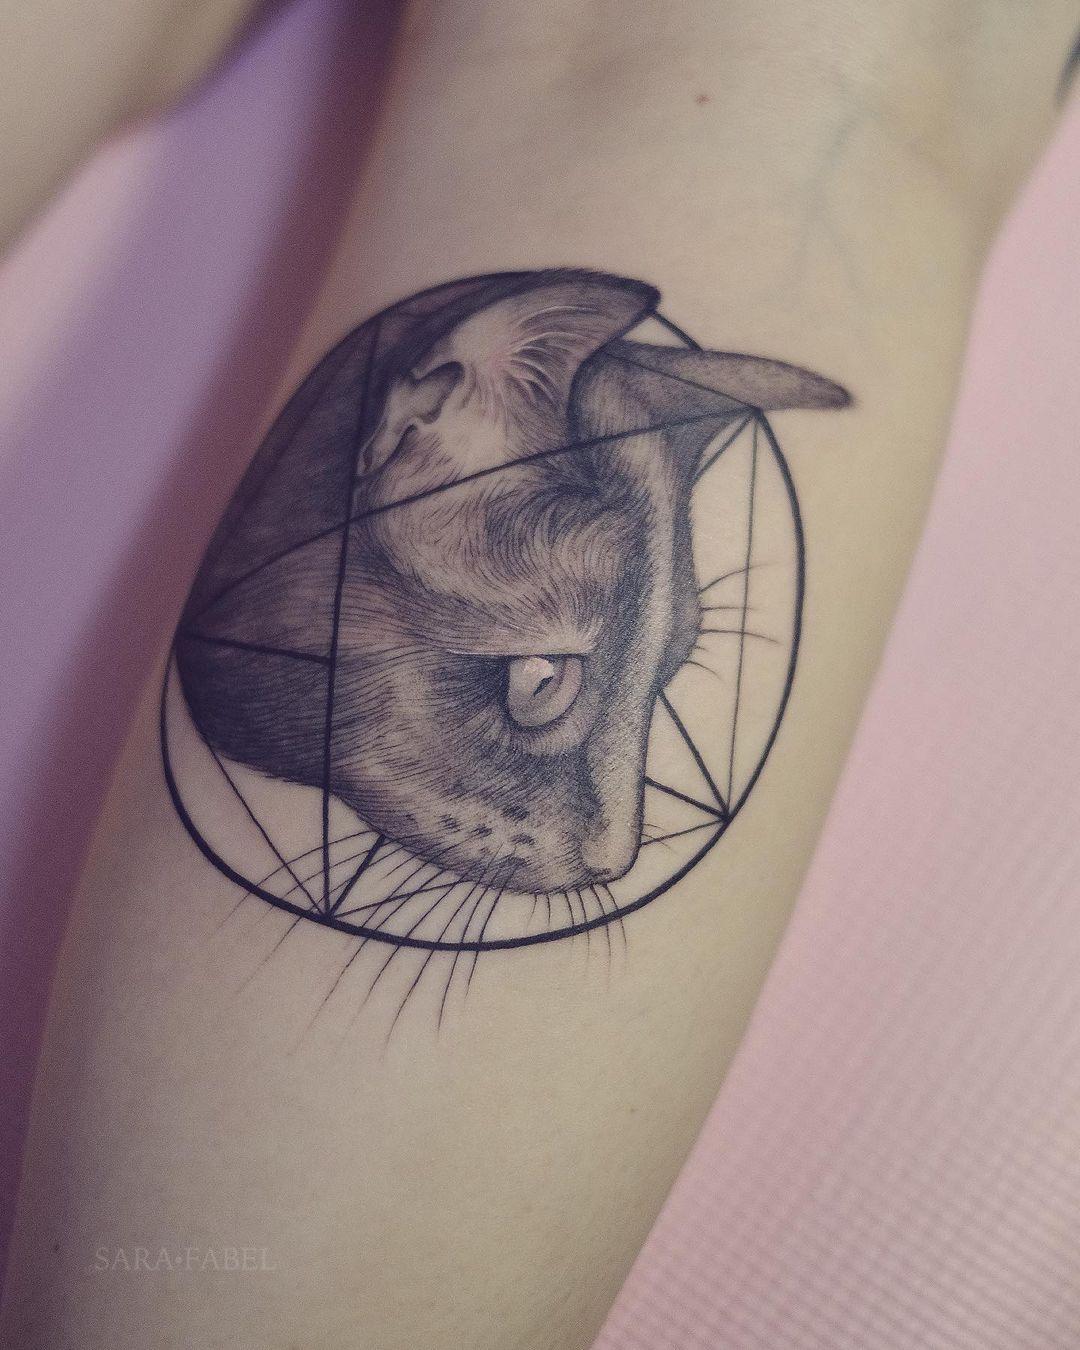 sara fabel tattoo artist black cat